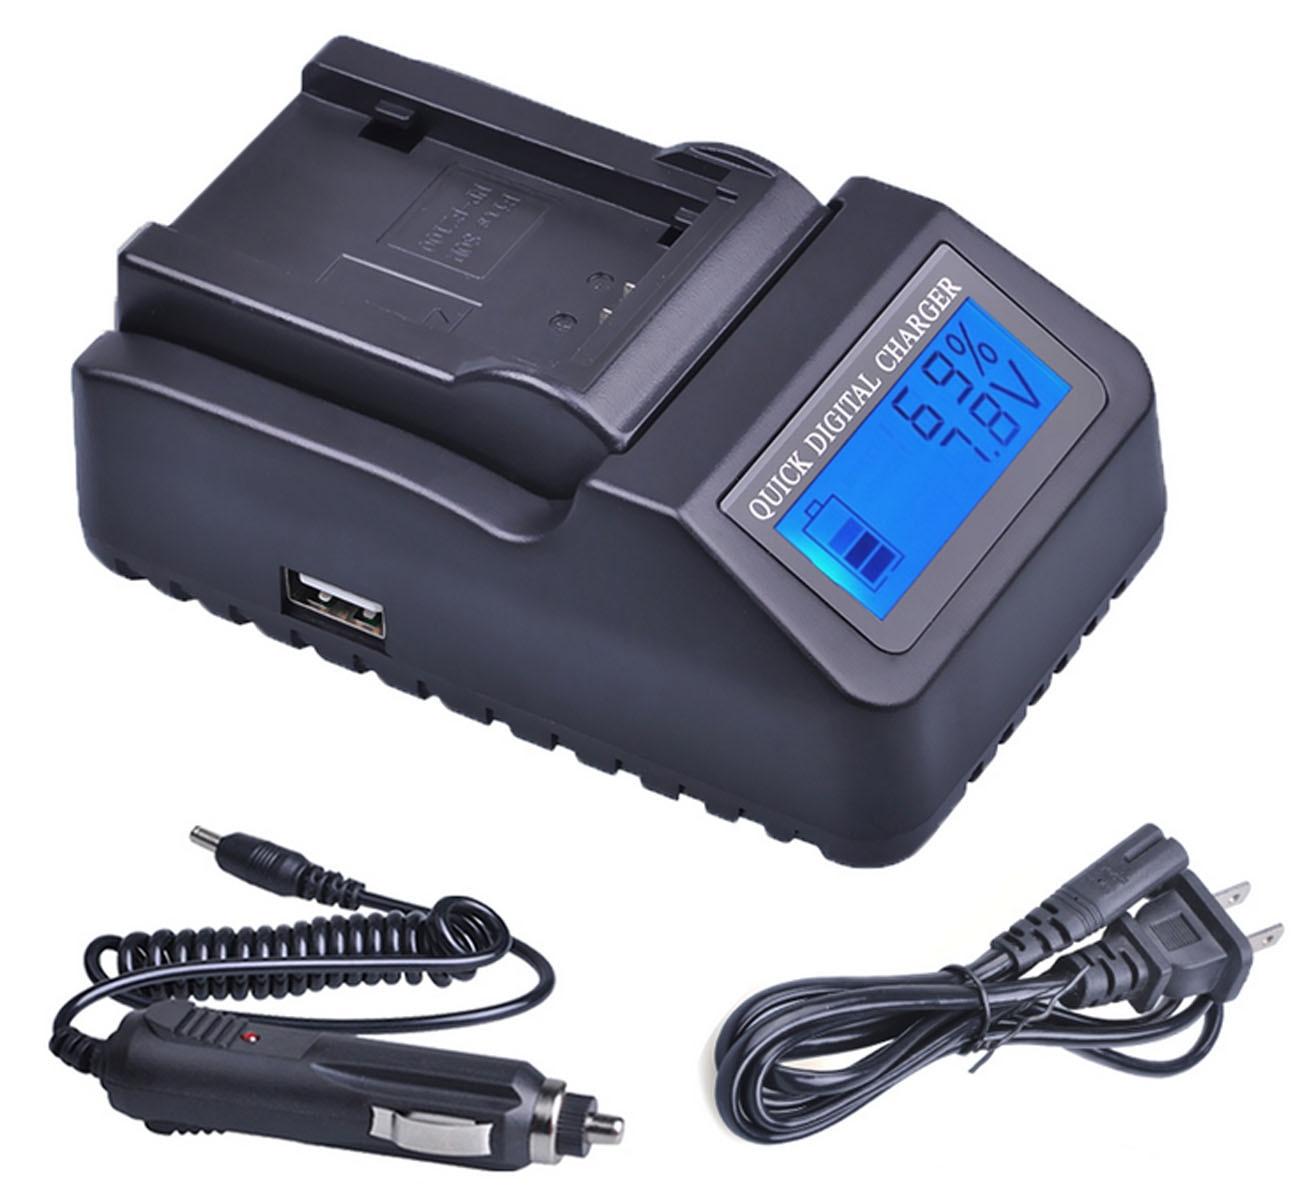 DCR-SR82 DCR-SR87 Handycam Camcorder LCD USB Battery Charger for Sony DCR-SR72 DCR-SR77 DCR-SR85 DCR-SR75